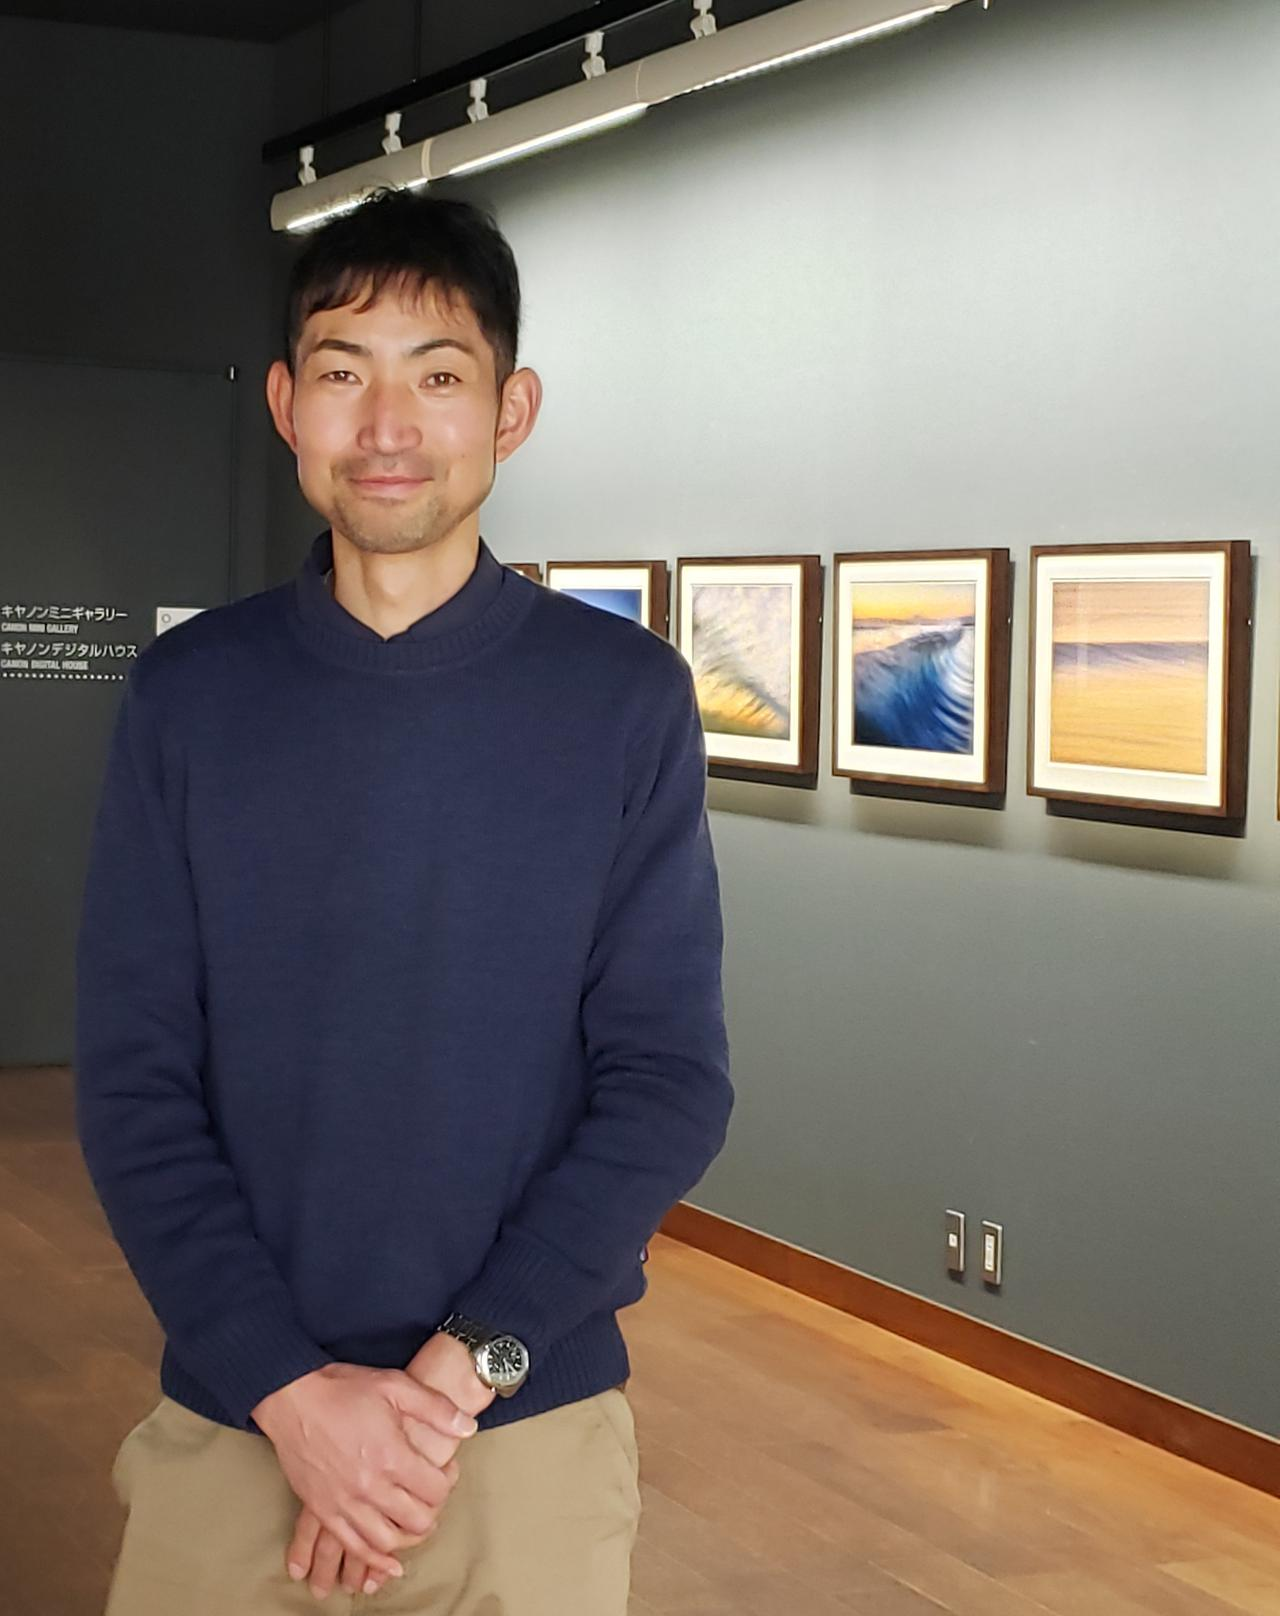 画像: 湘南を拠点に活動する、写真家でありサーファーでもある熊野 淳司さん。 サーフィン、アウトドア系を中心とした撮影や、写真撮影スタジオ「STUDIO467」の運営もされています。